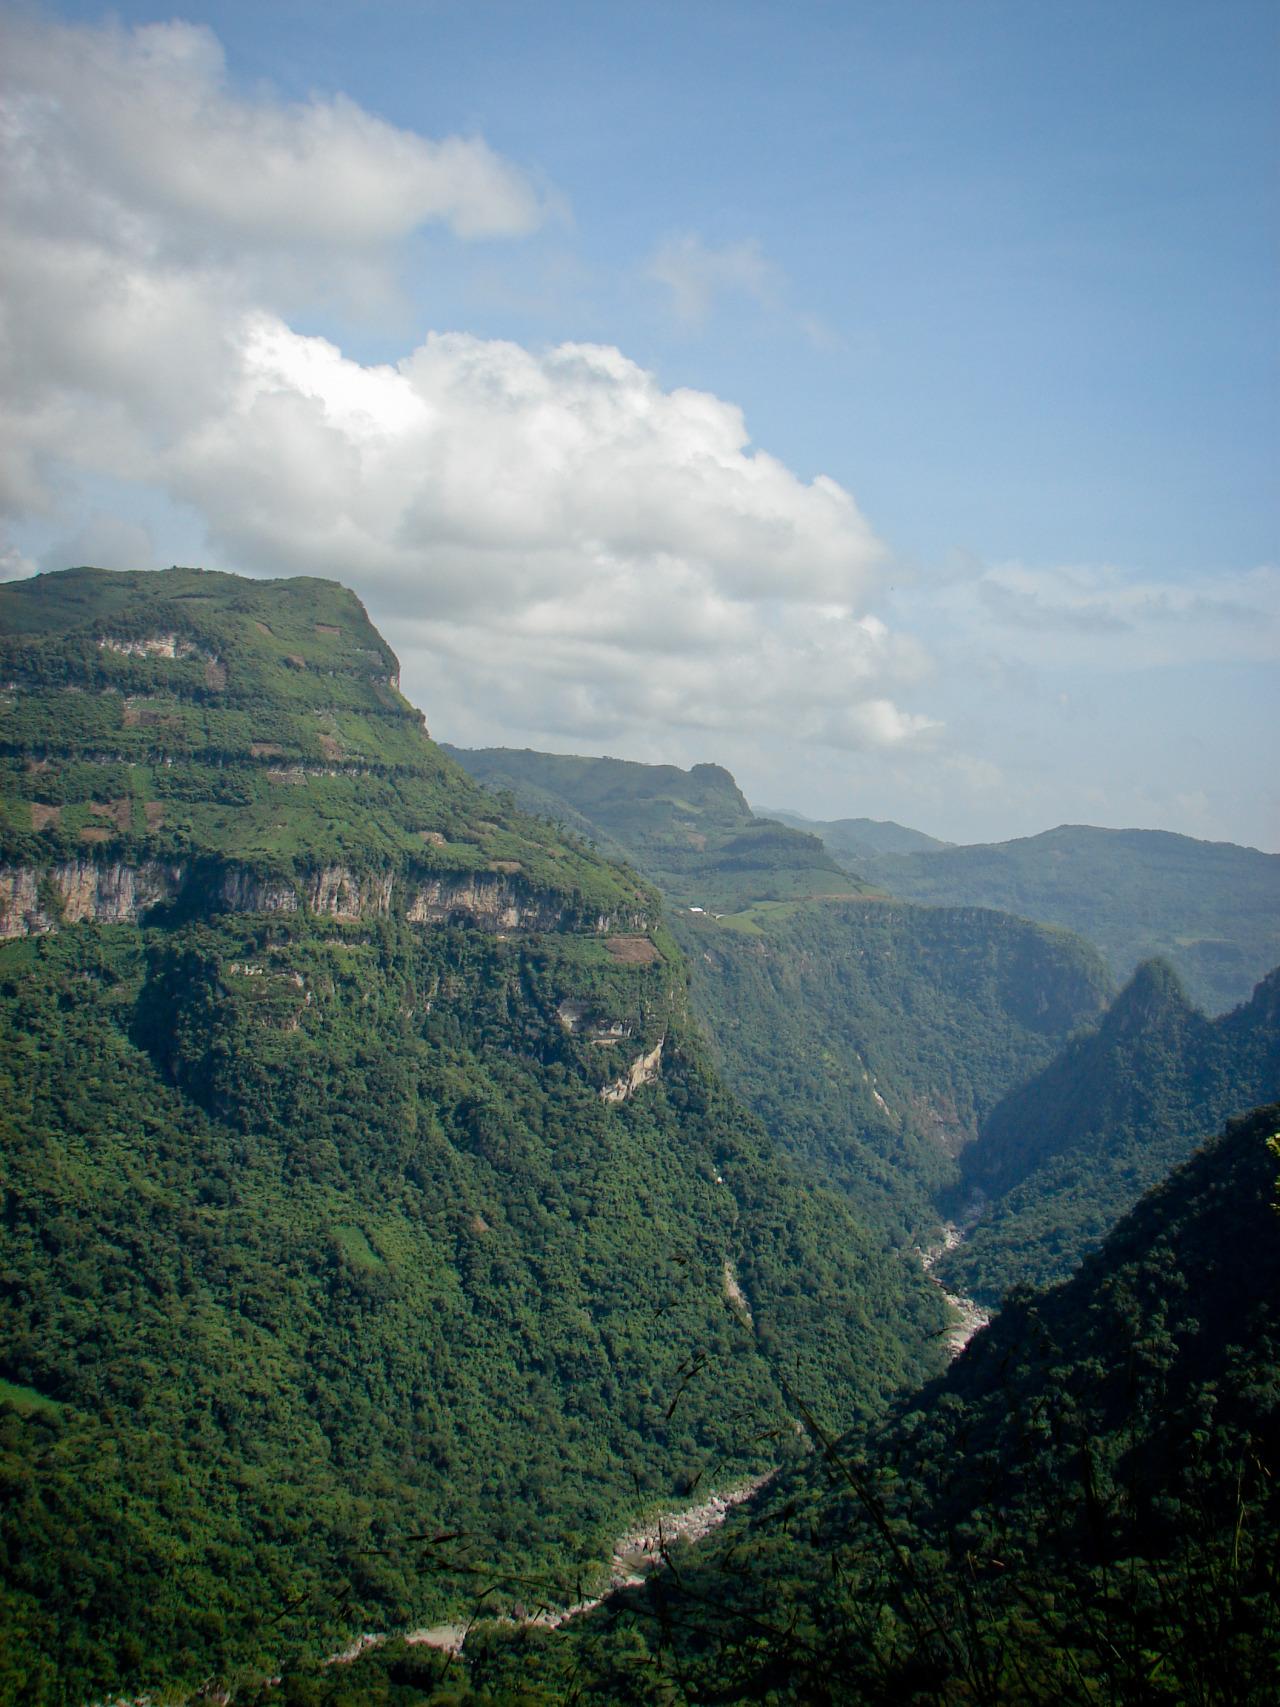 vista del Balcón del Diablo en Xochitlán